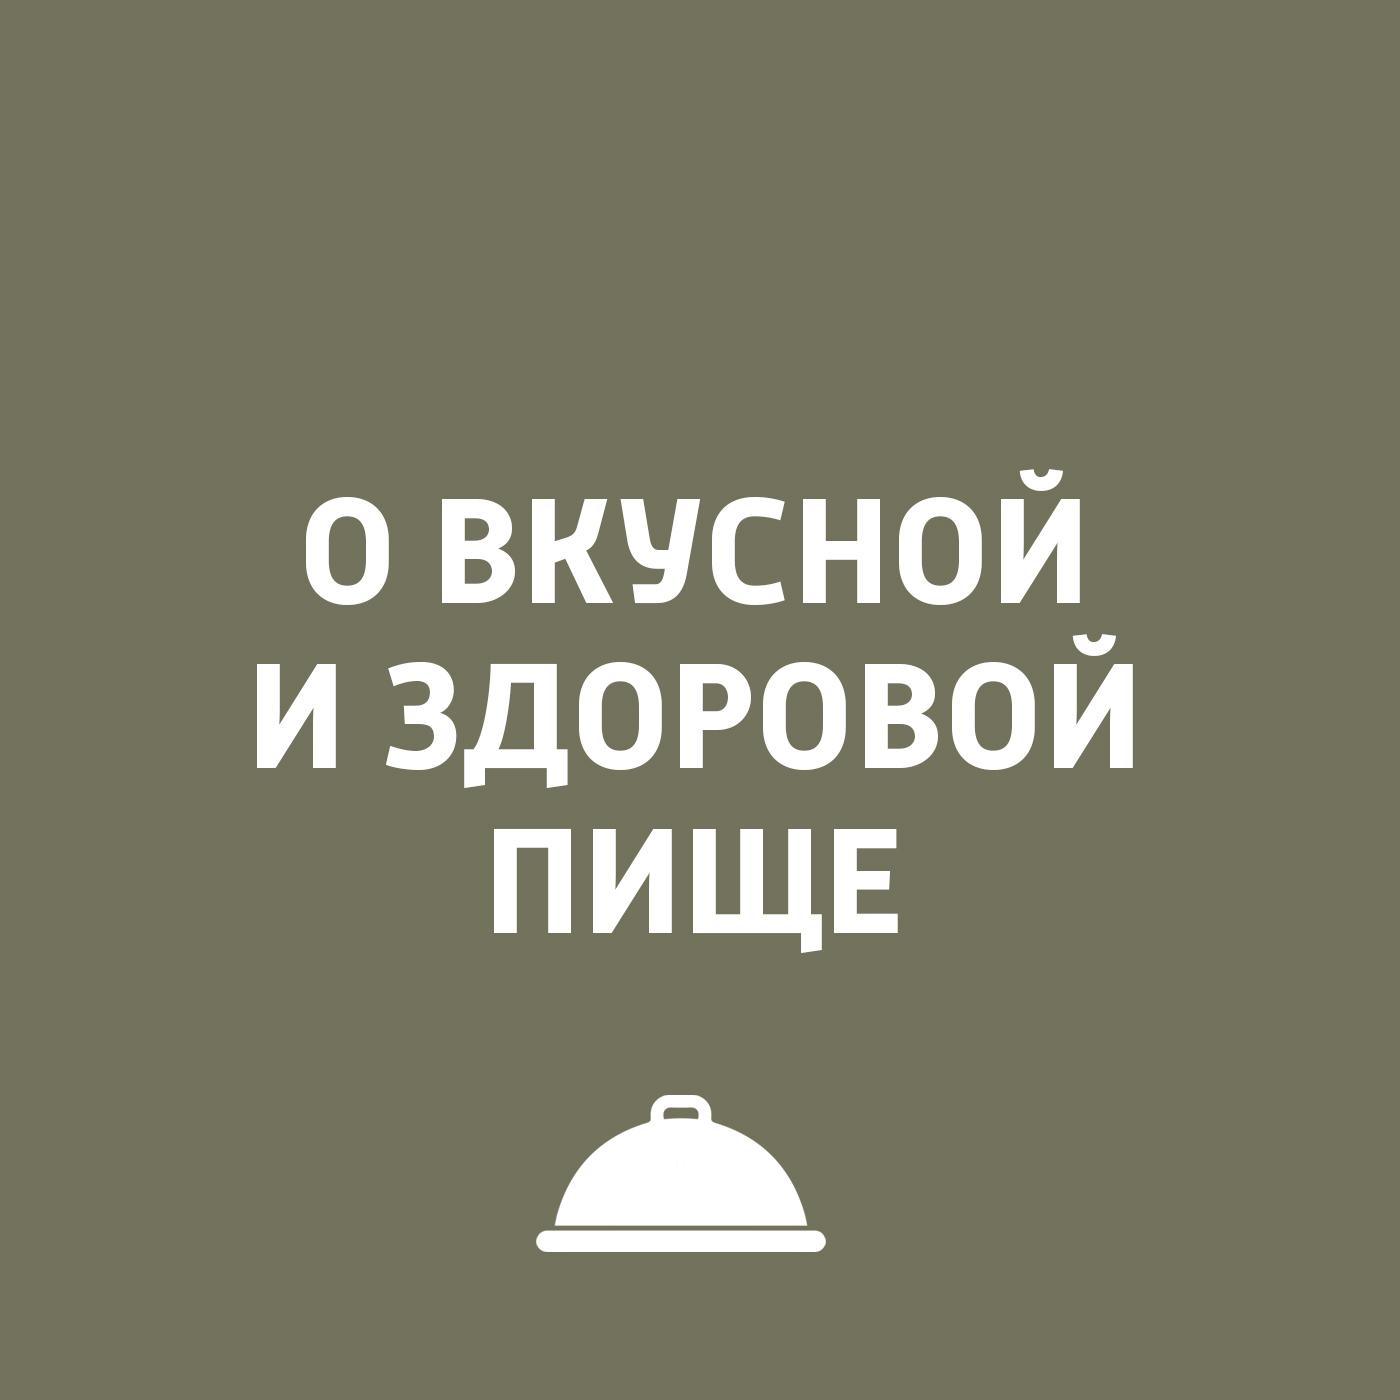 Игорь Ружейников Современное школьное питание - вкусное и здоровое игорь ружейников нижегородская ярмарка выставка достижений капиталистического хозяйства империи